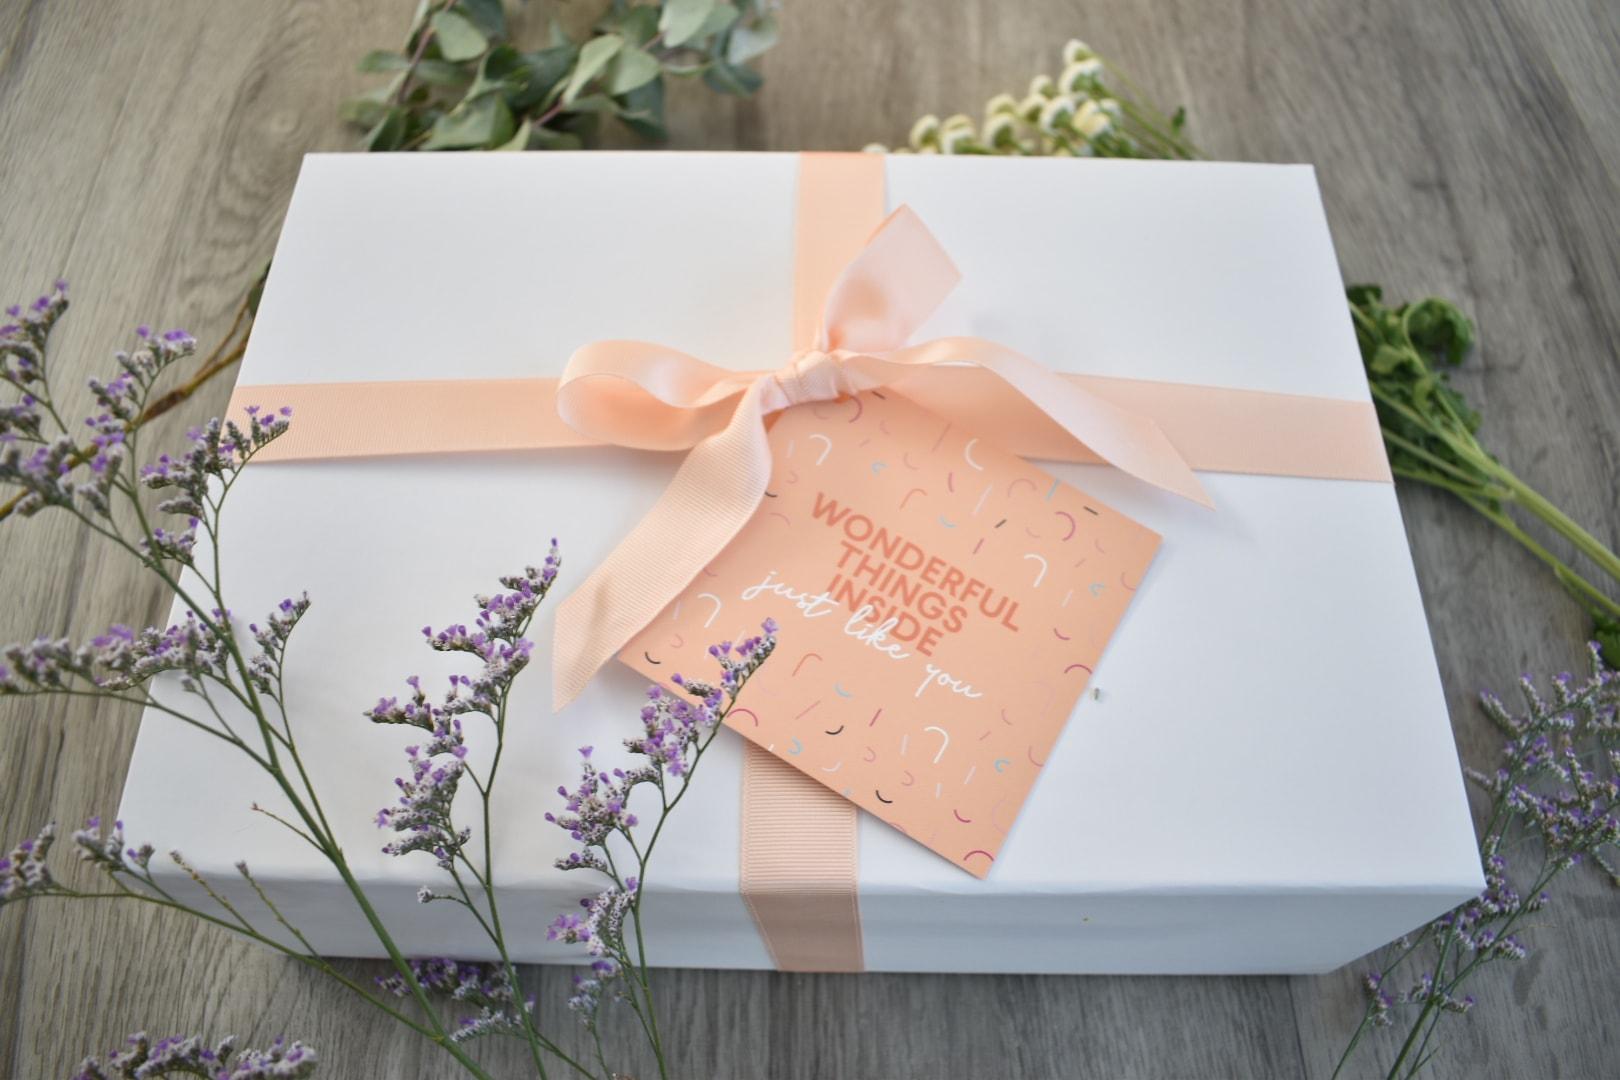 Peach + Polly Gift Box